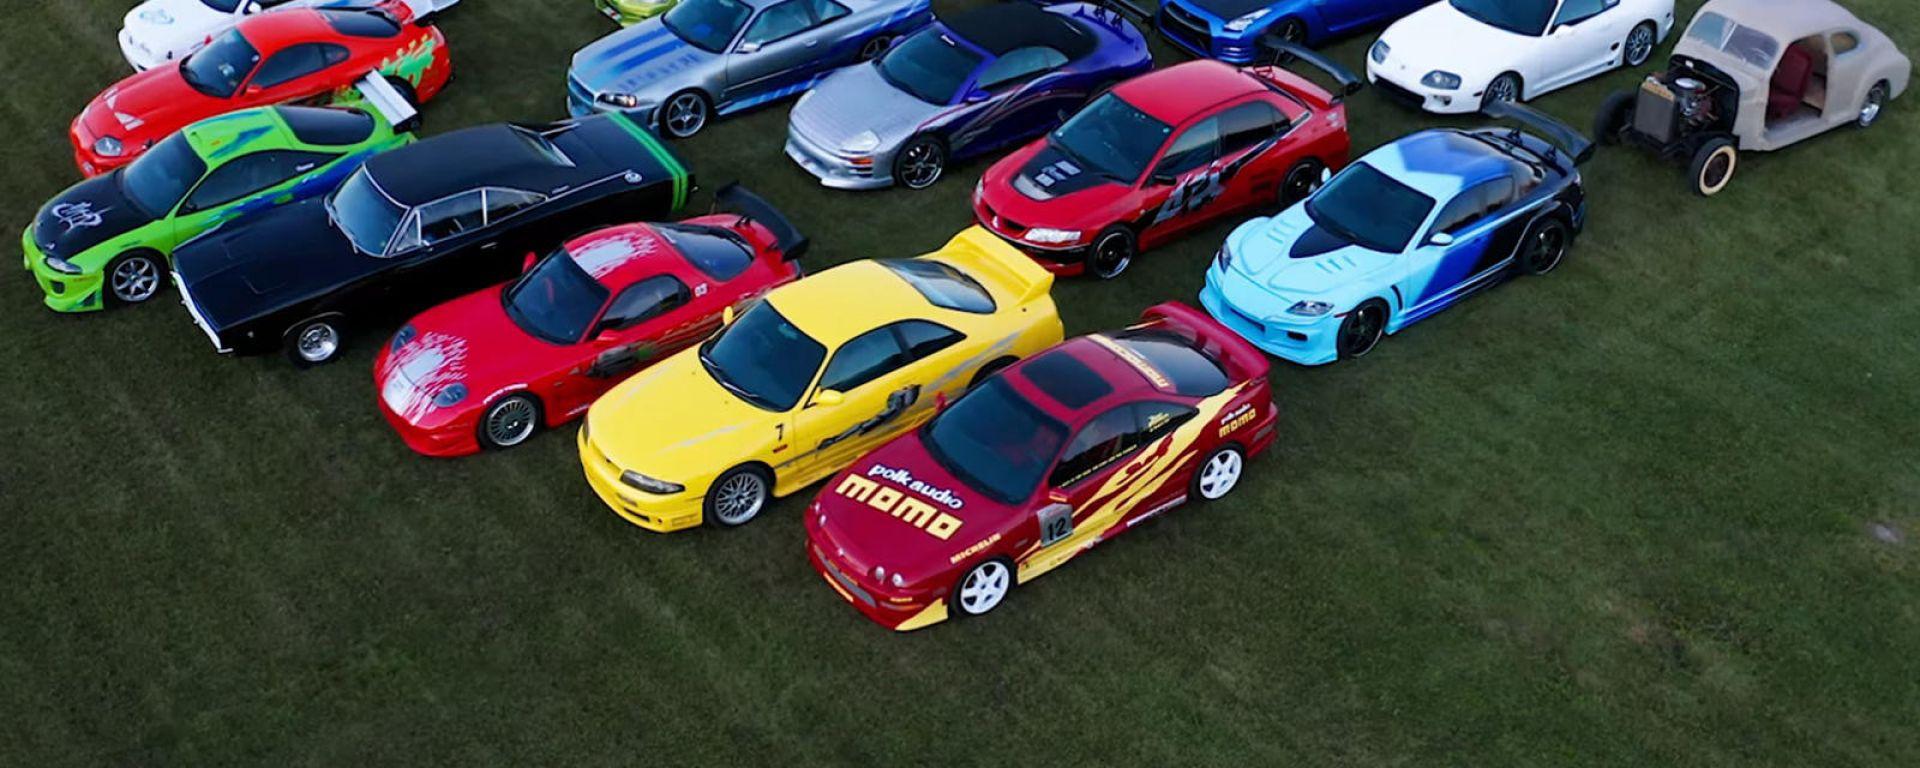 La più grande collezione di auto di Fast & Furious, anche in video